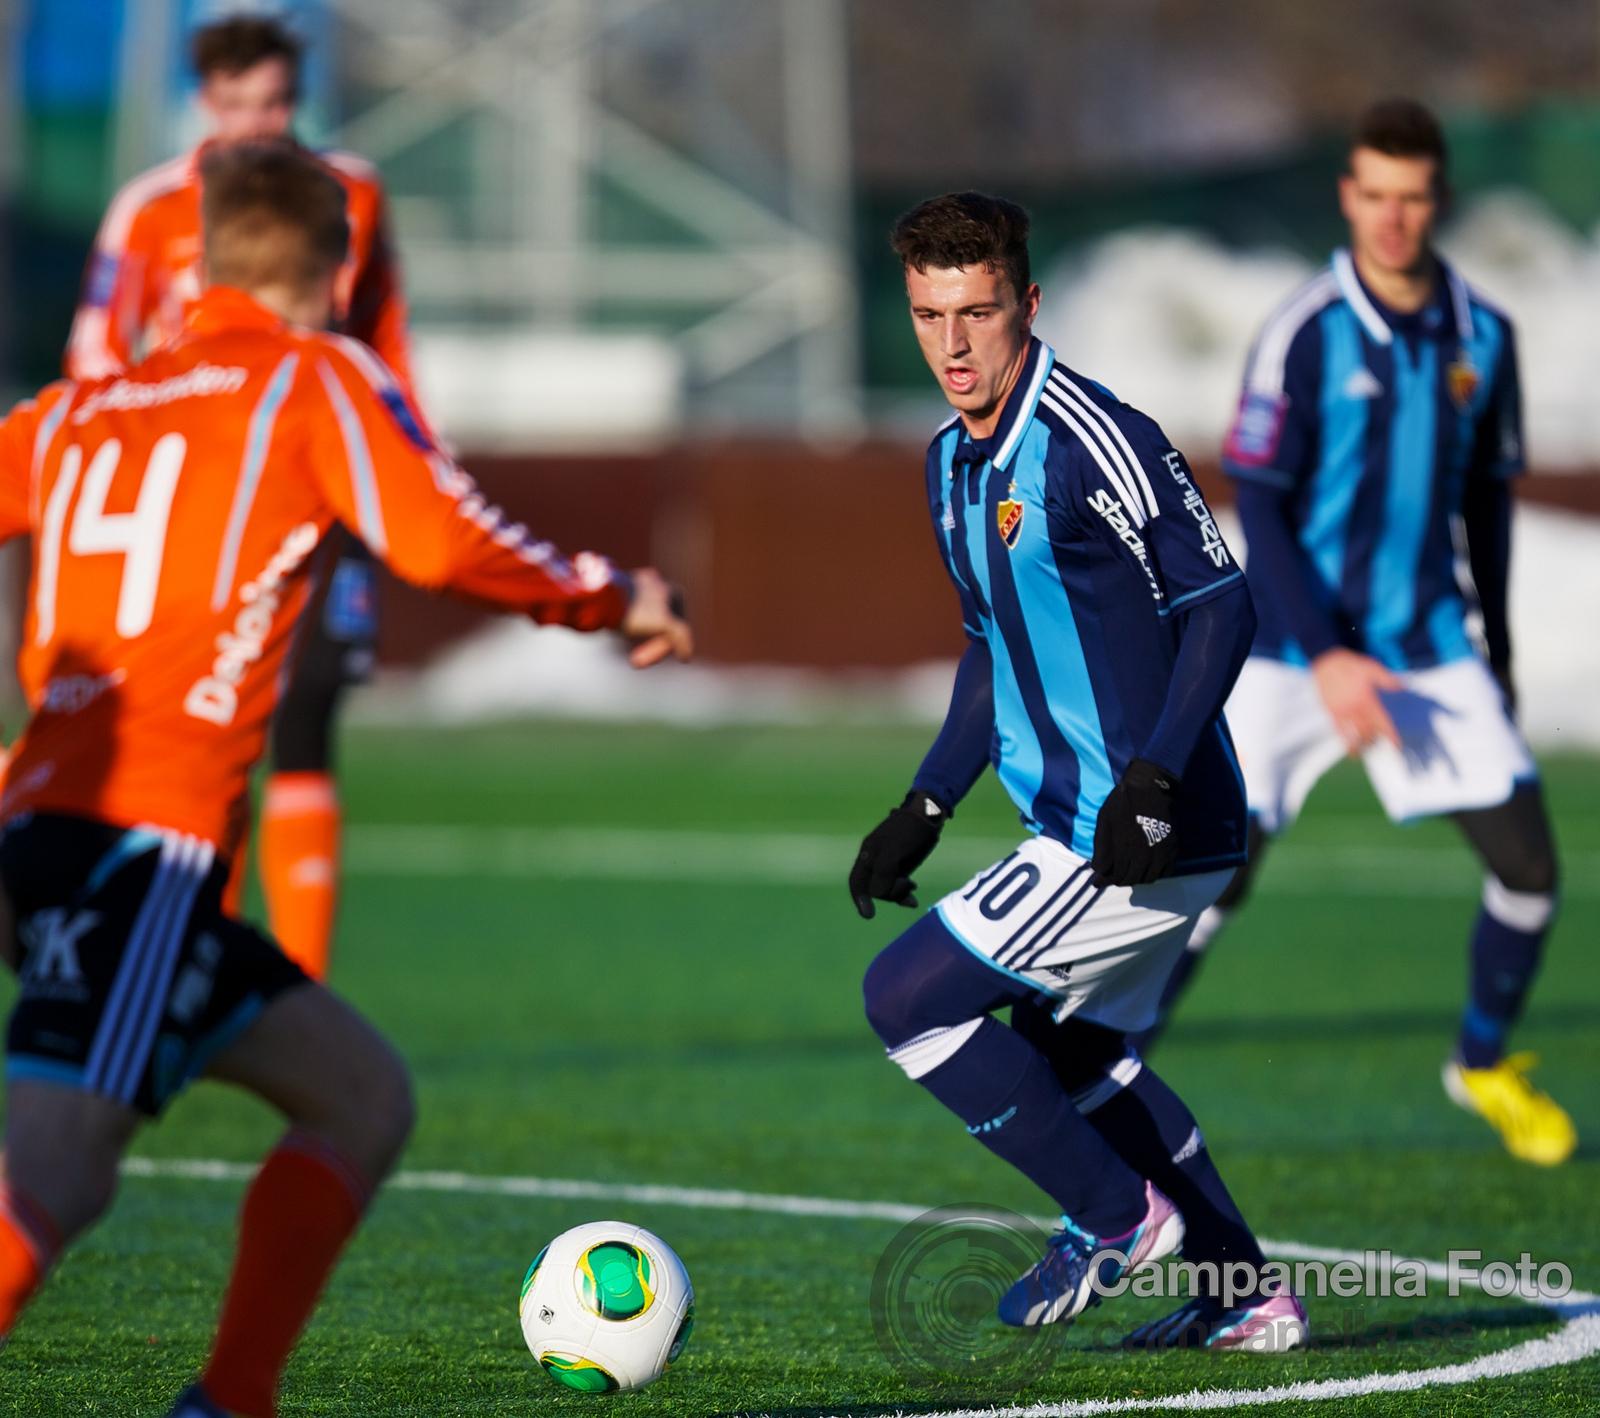 Djurgårdens IF Vs Umeå FC - 2013-03-03 - 7 of 8